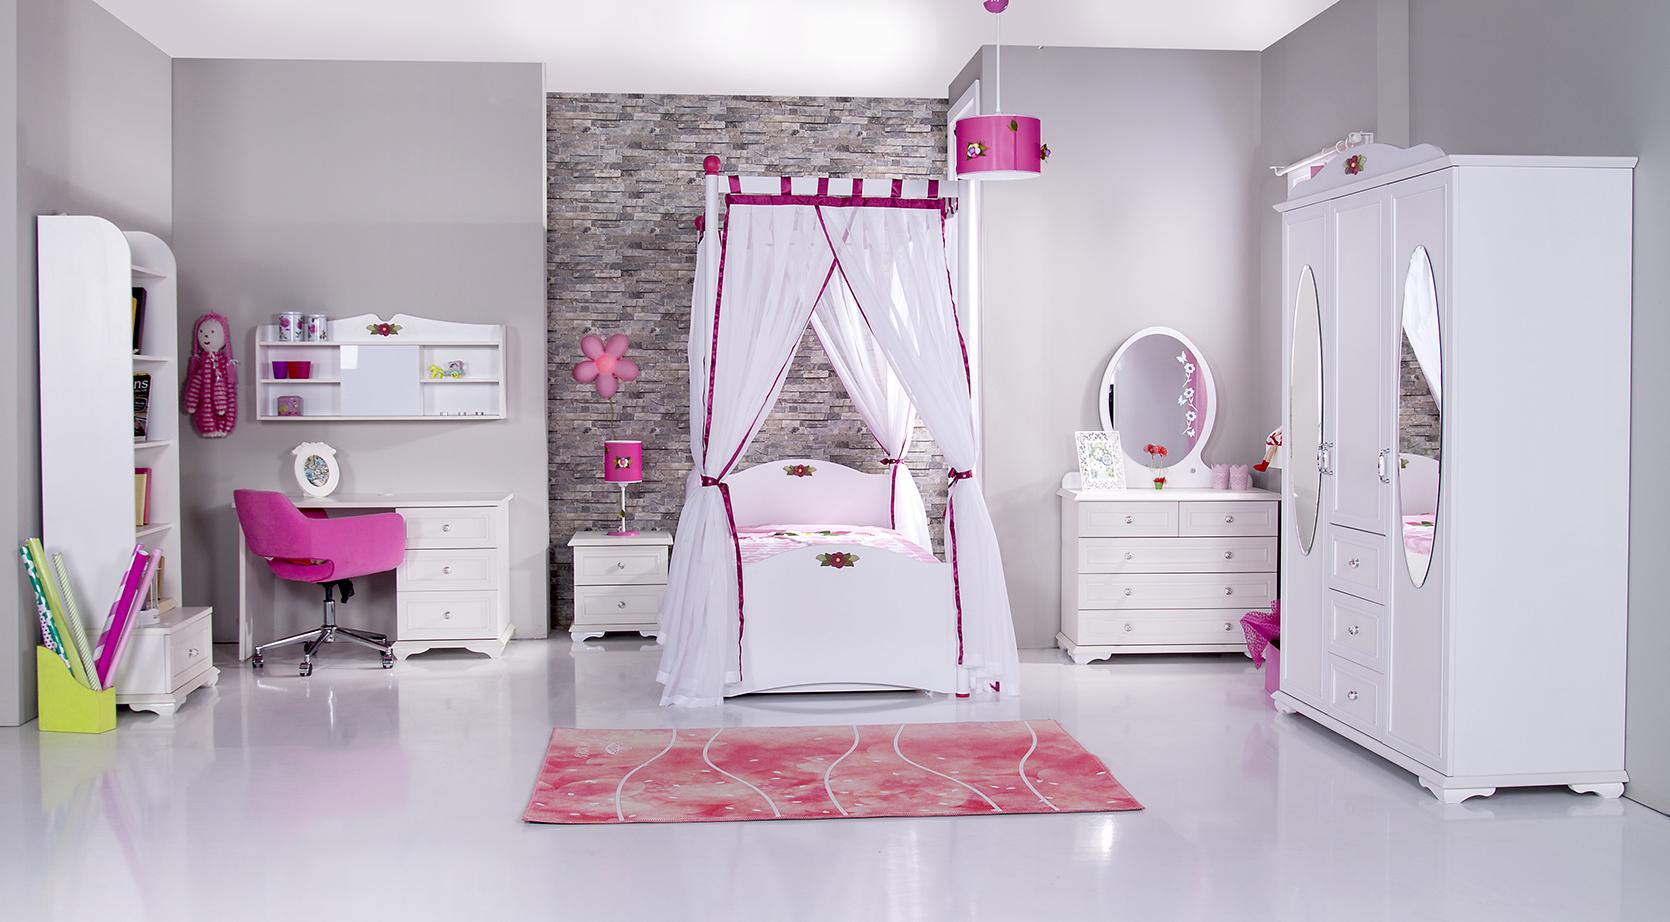 Gordijnen idee meisjeskamer - Blauwe kamer voor meisje ...